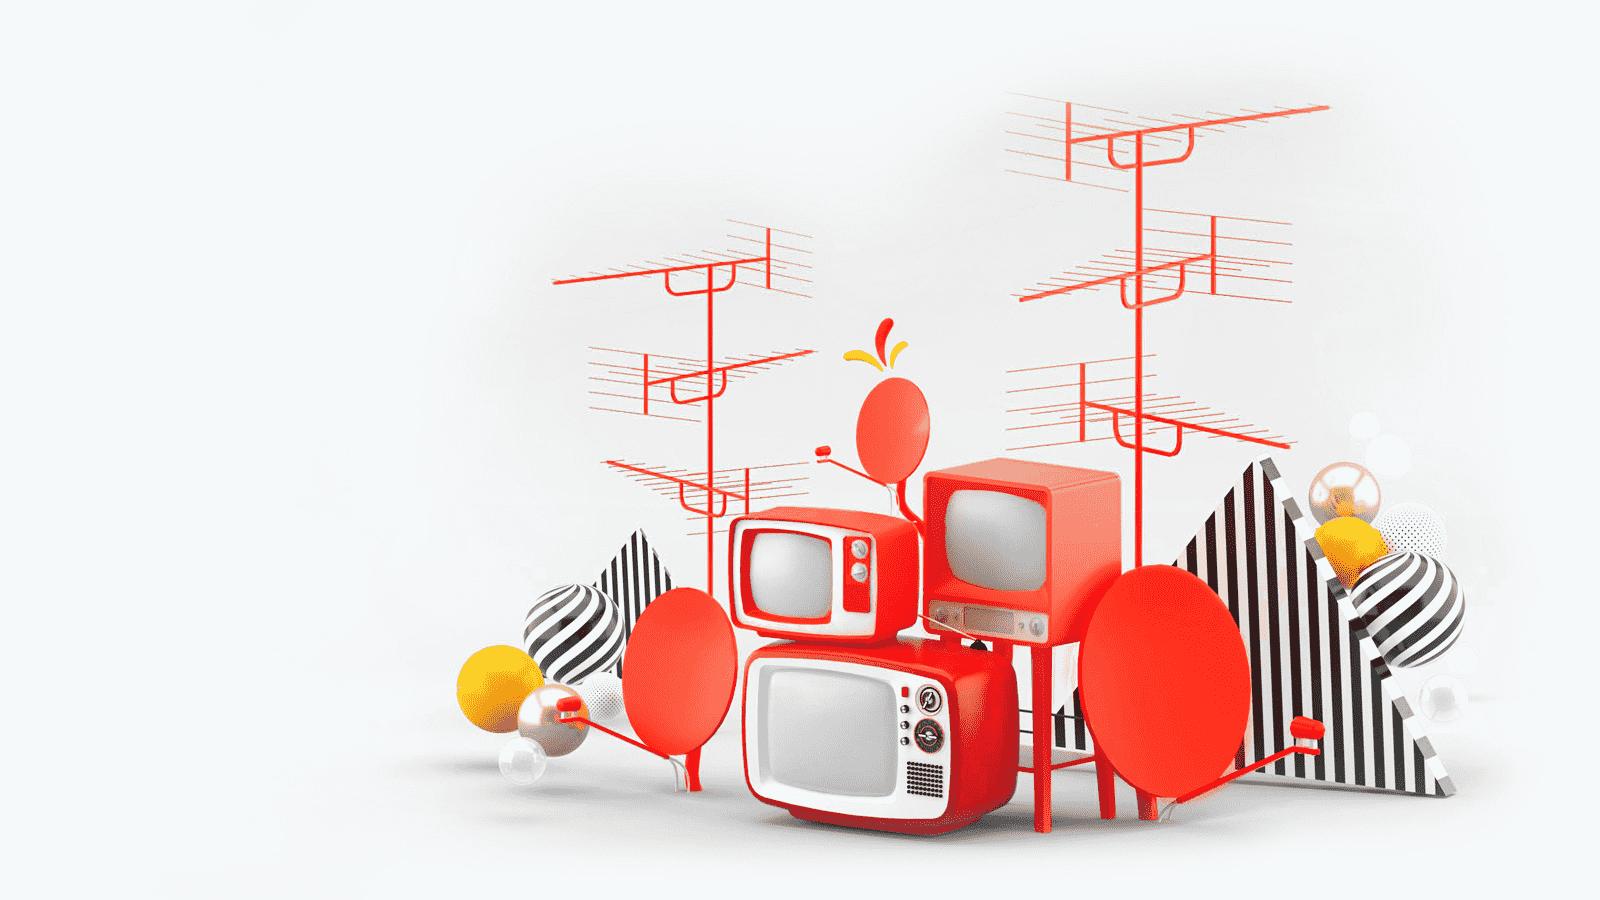 Трансляции и прямые эфиры | Event Film Service | Видеопродакшн в Москве